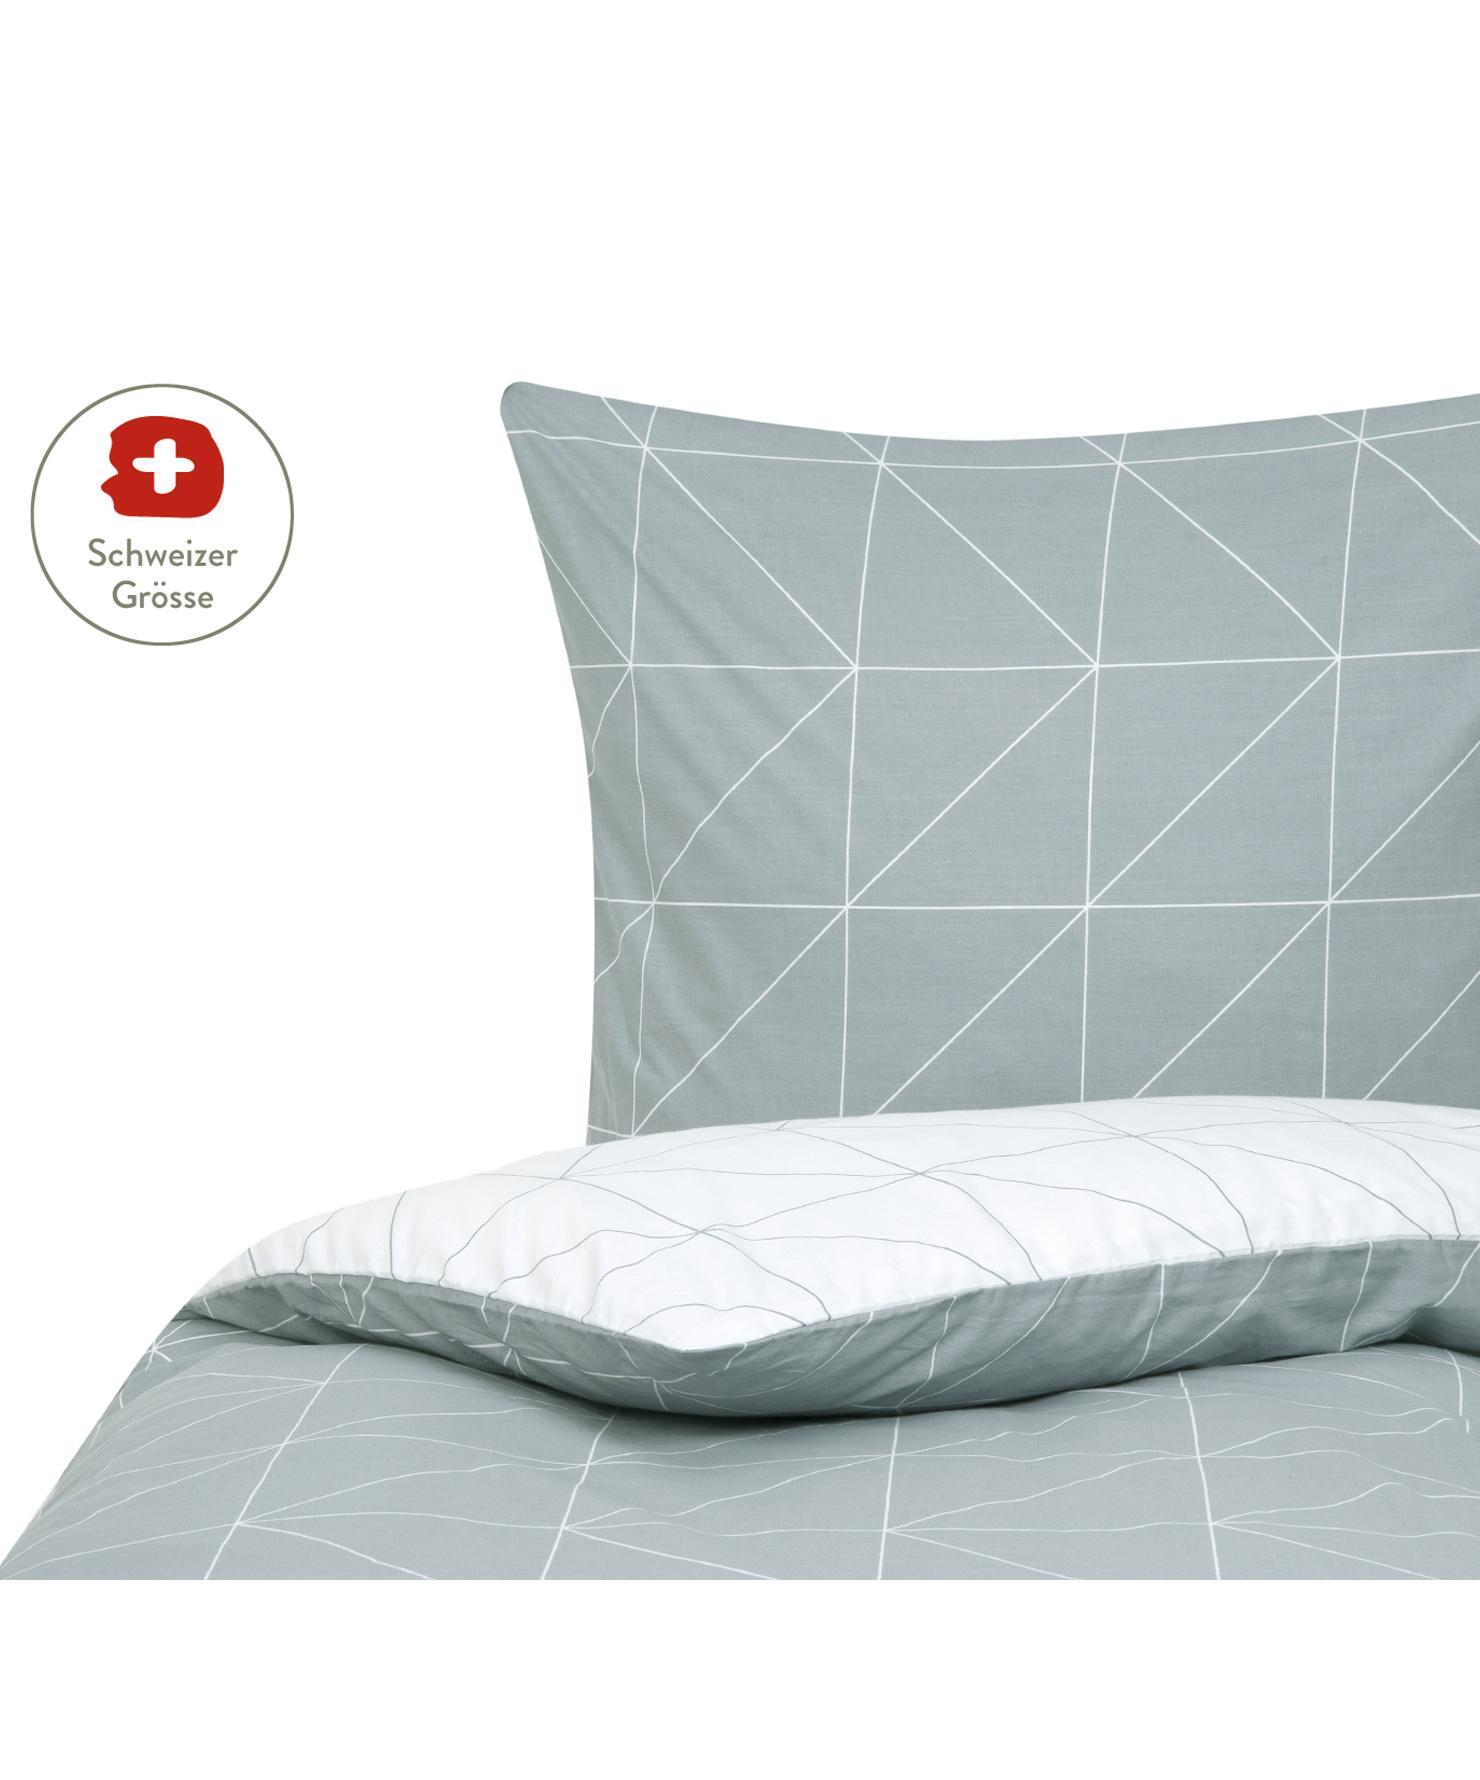 Baumwoll-Wendebettdeckenbezug Marla mit grafischem Muster, Webart: Renforcé Fadendichte 144 , Grau, Weiss, 160 x 210 cm